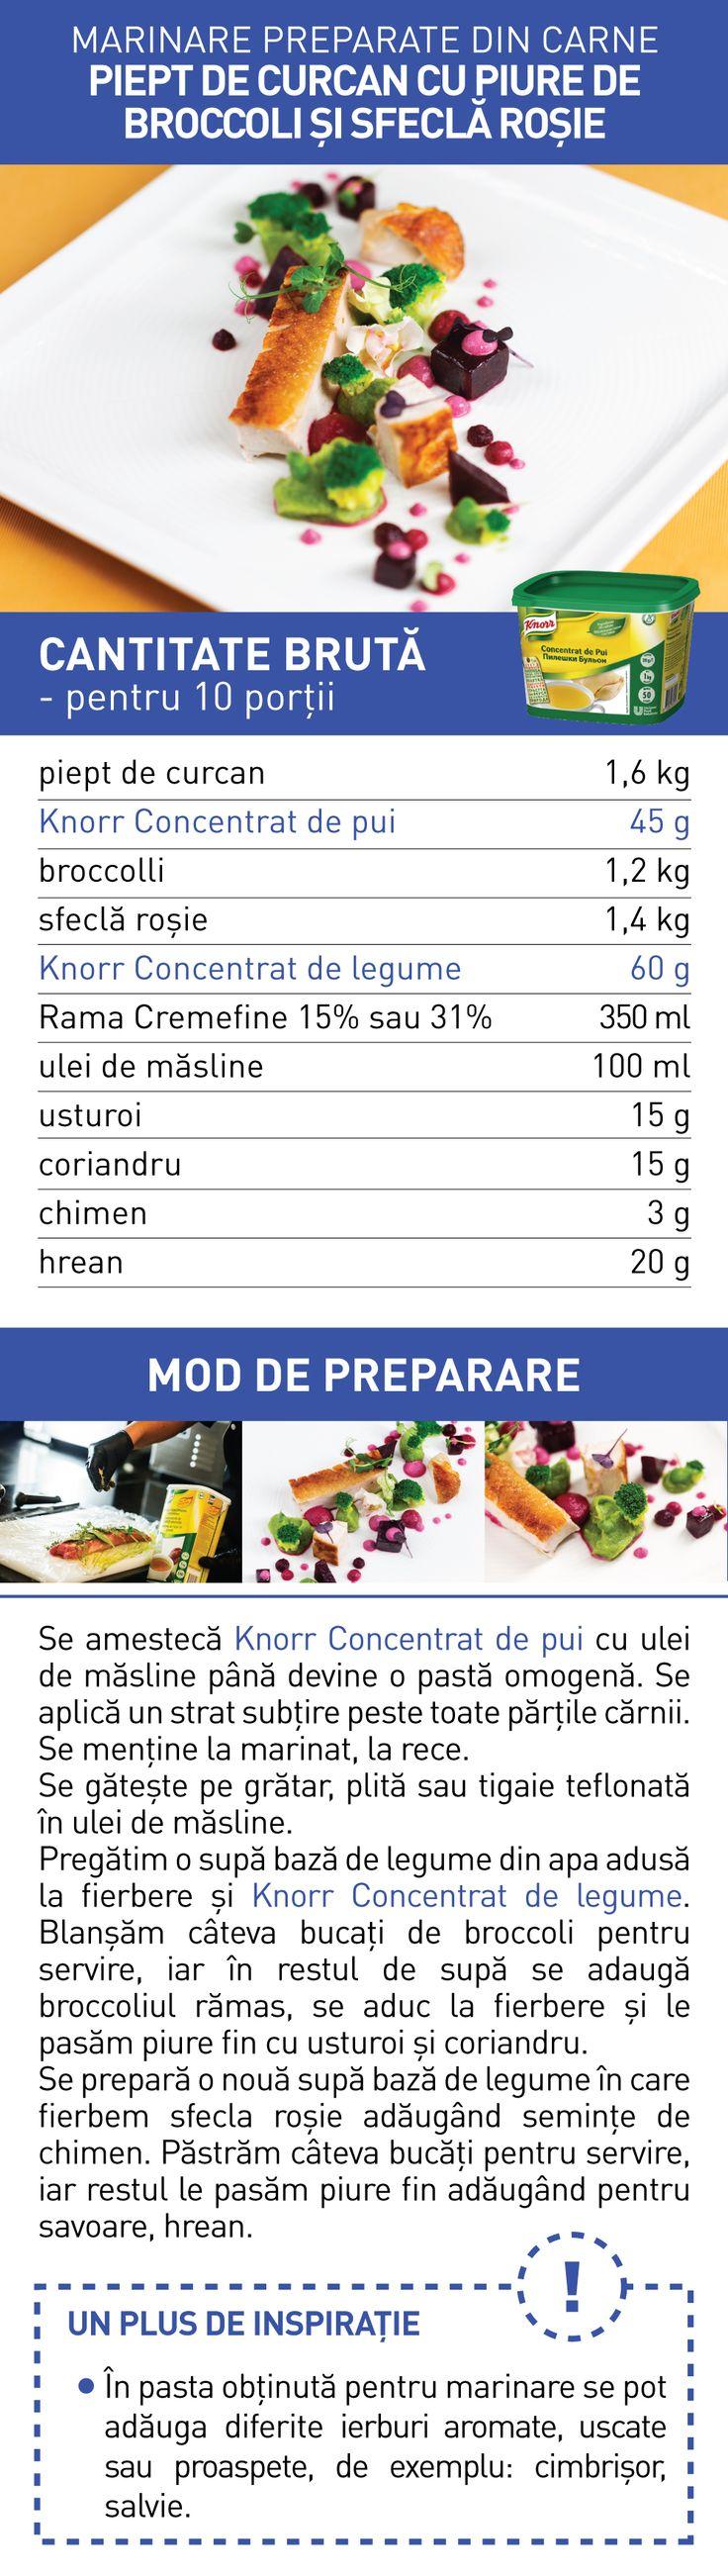 Marinare preparate din carne (I) - RETETE